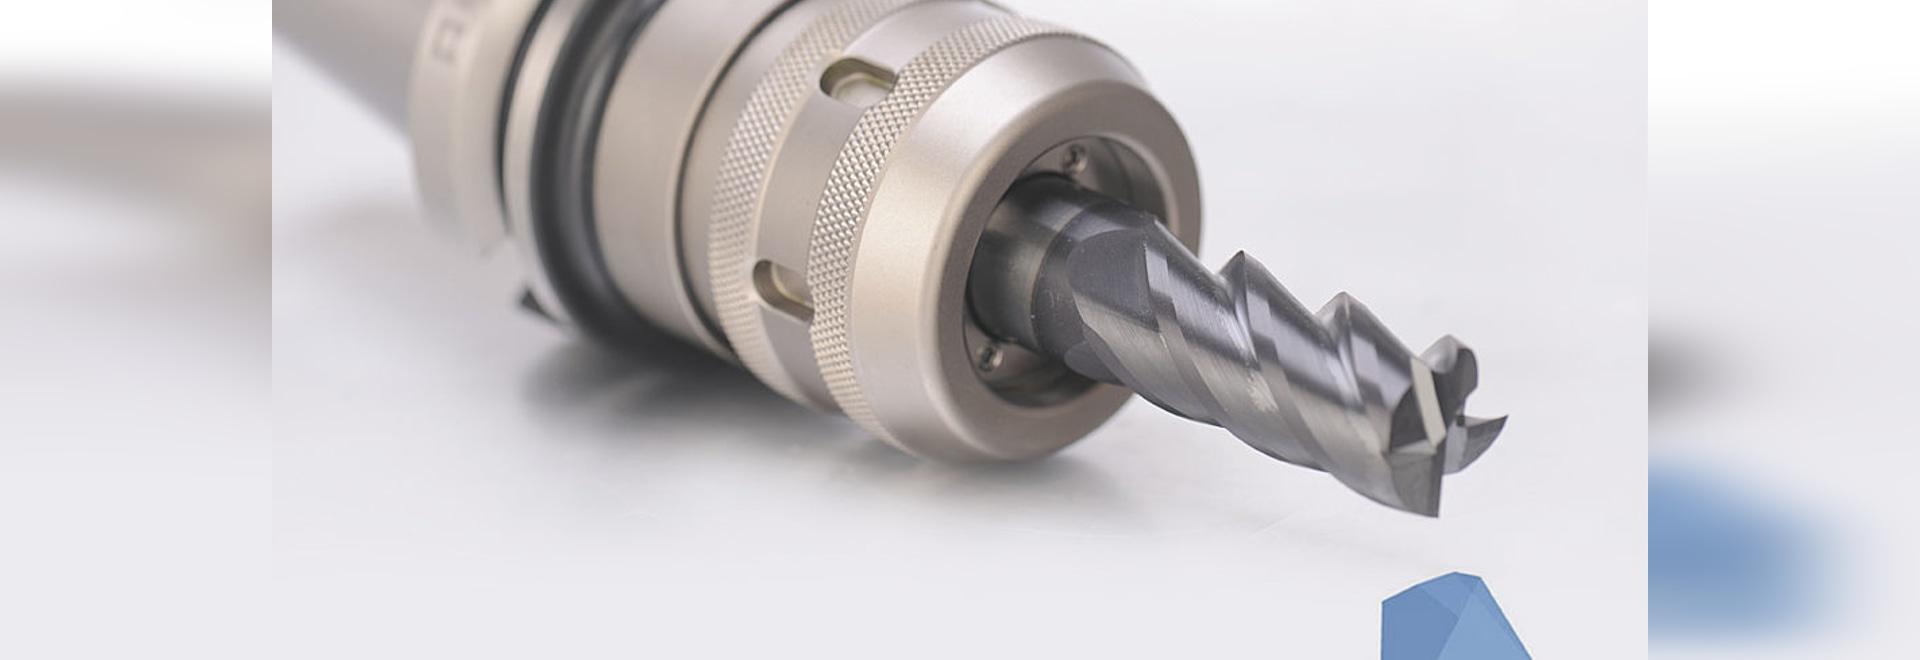 Accione la tirada/con el ø recto del collar 20-42 milímetros | BT30, BT40, BT50 | Serie de BT-MLC